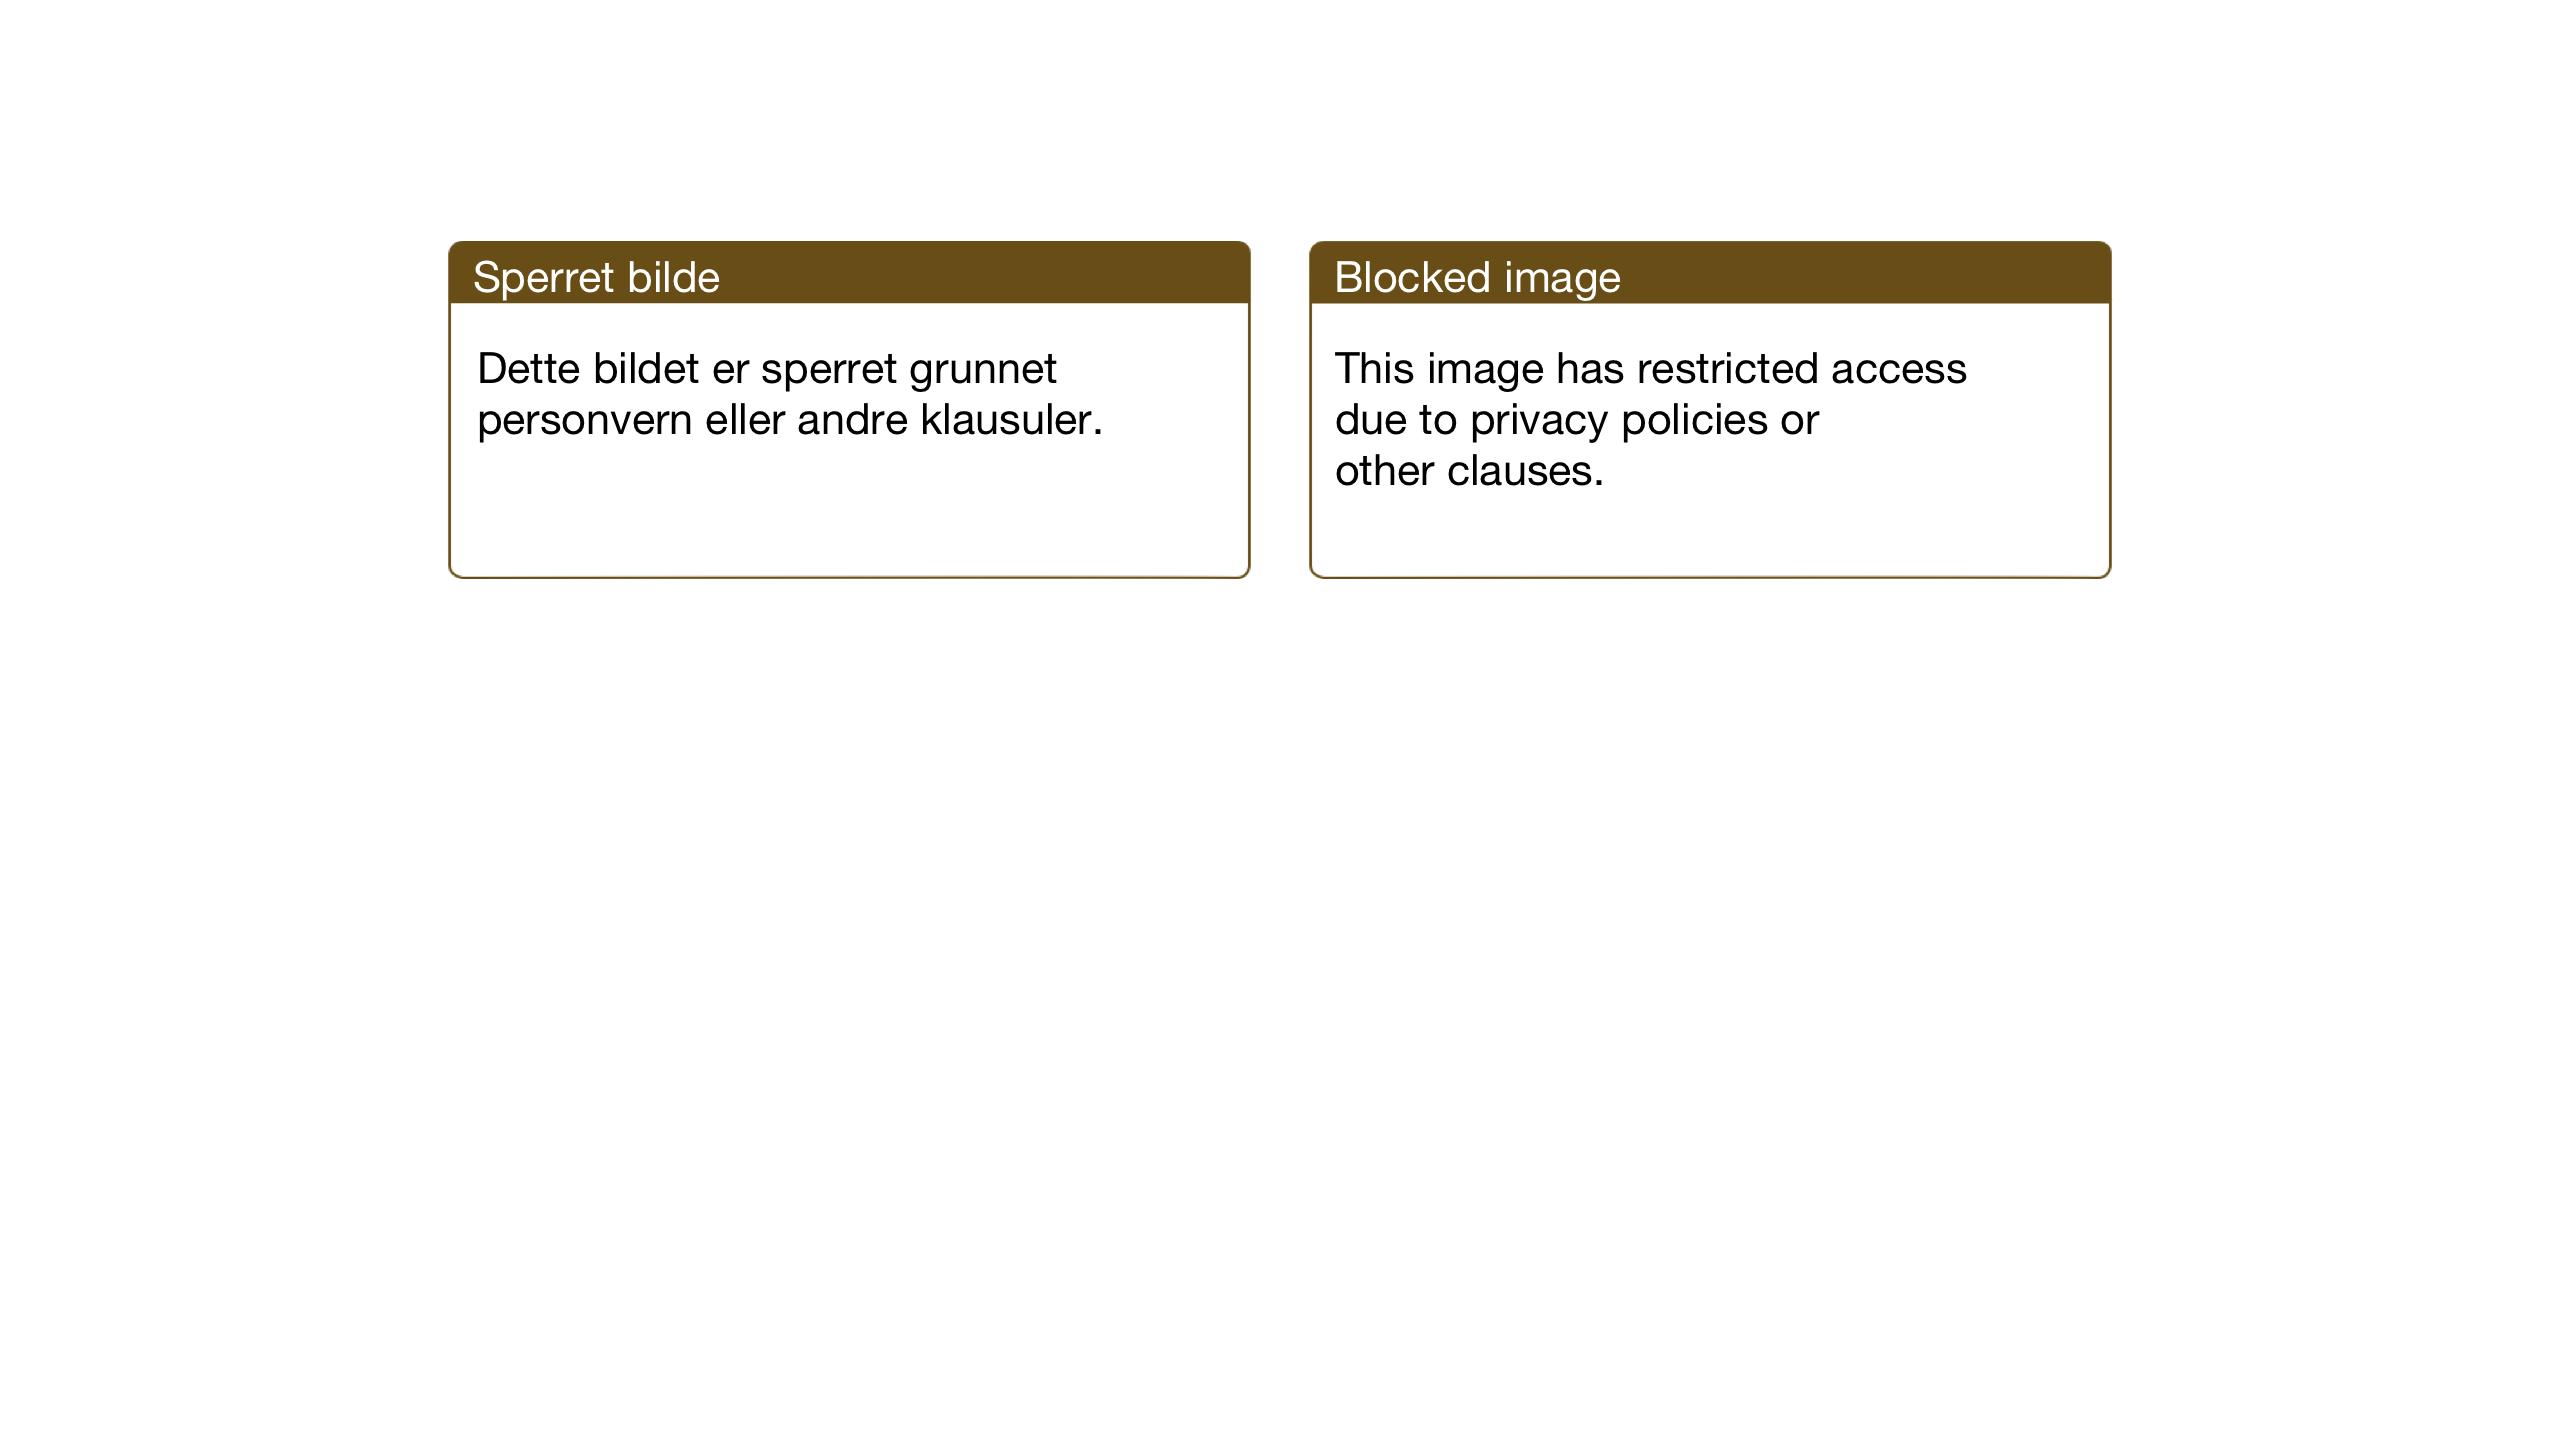 SAT, Ministerialprotokoller, klokkerbøker og fødselsregistre - Nord-Trøndelag, 709/L0089: Klokkerbok nr. 709C03, 1935-1948, s. 8